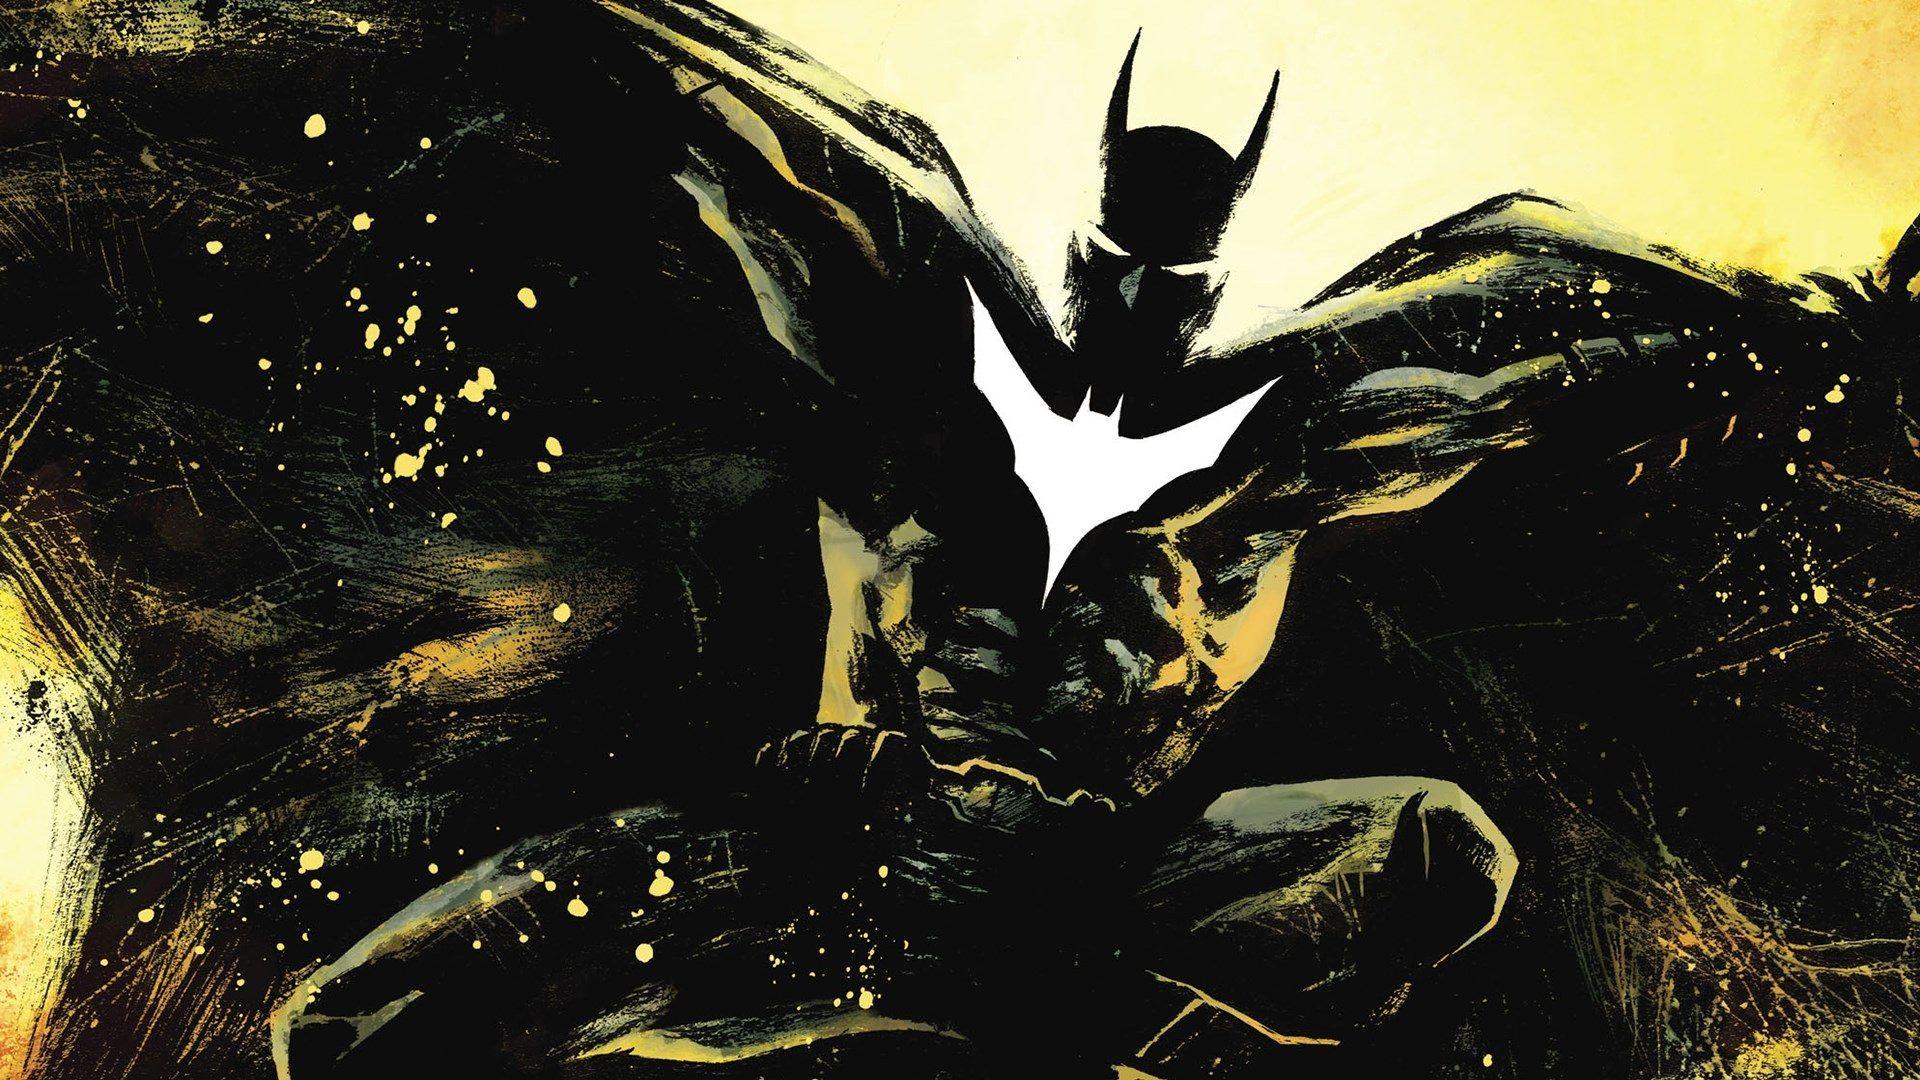 1920x1080 Batman Hd Wallpaper For Macbook Pro Batman Wallpaper Superhero Wallpaper Comic Book Wallpaper